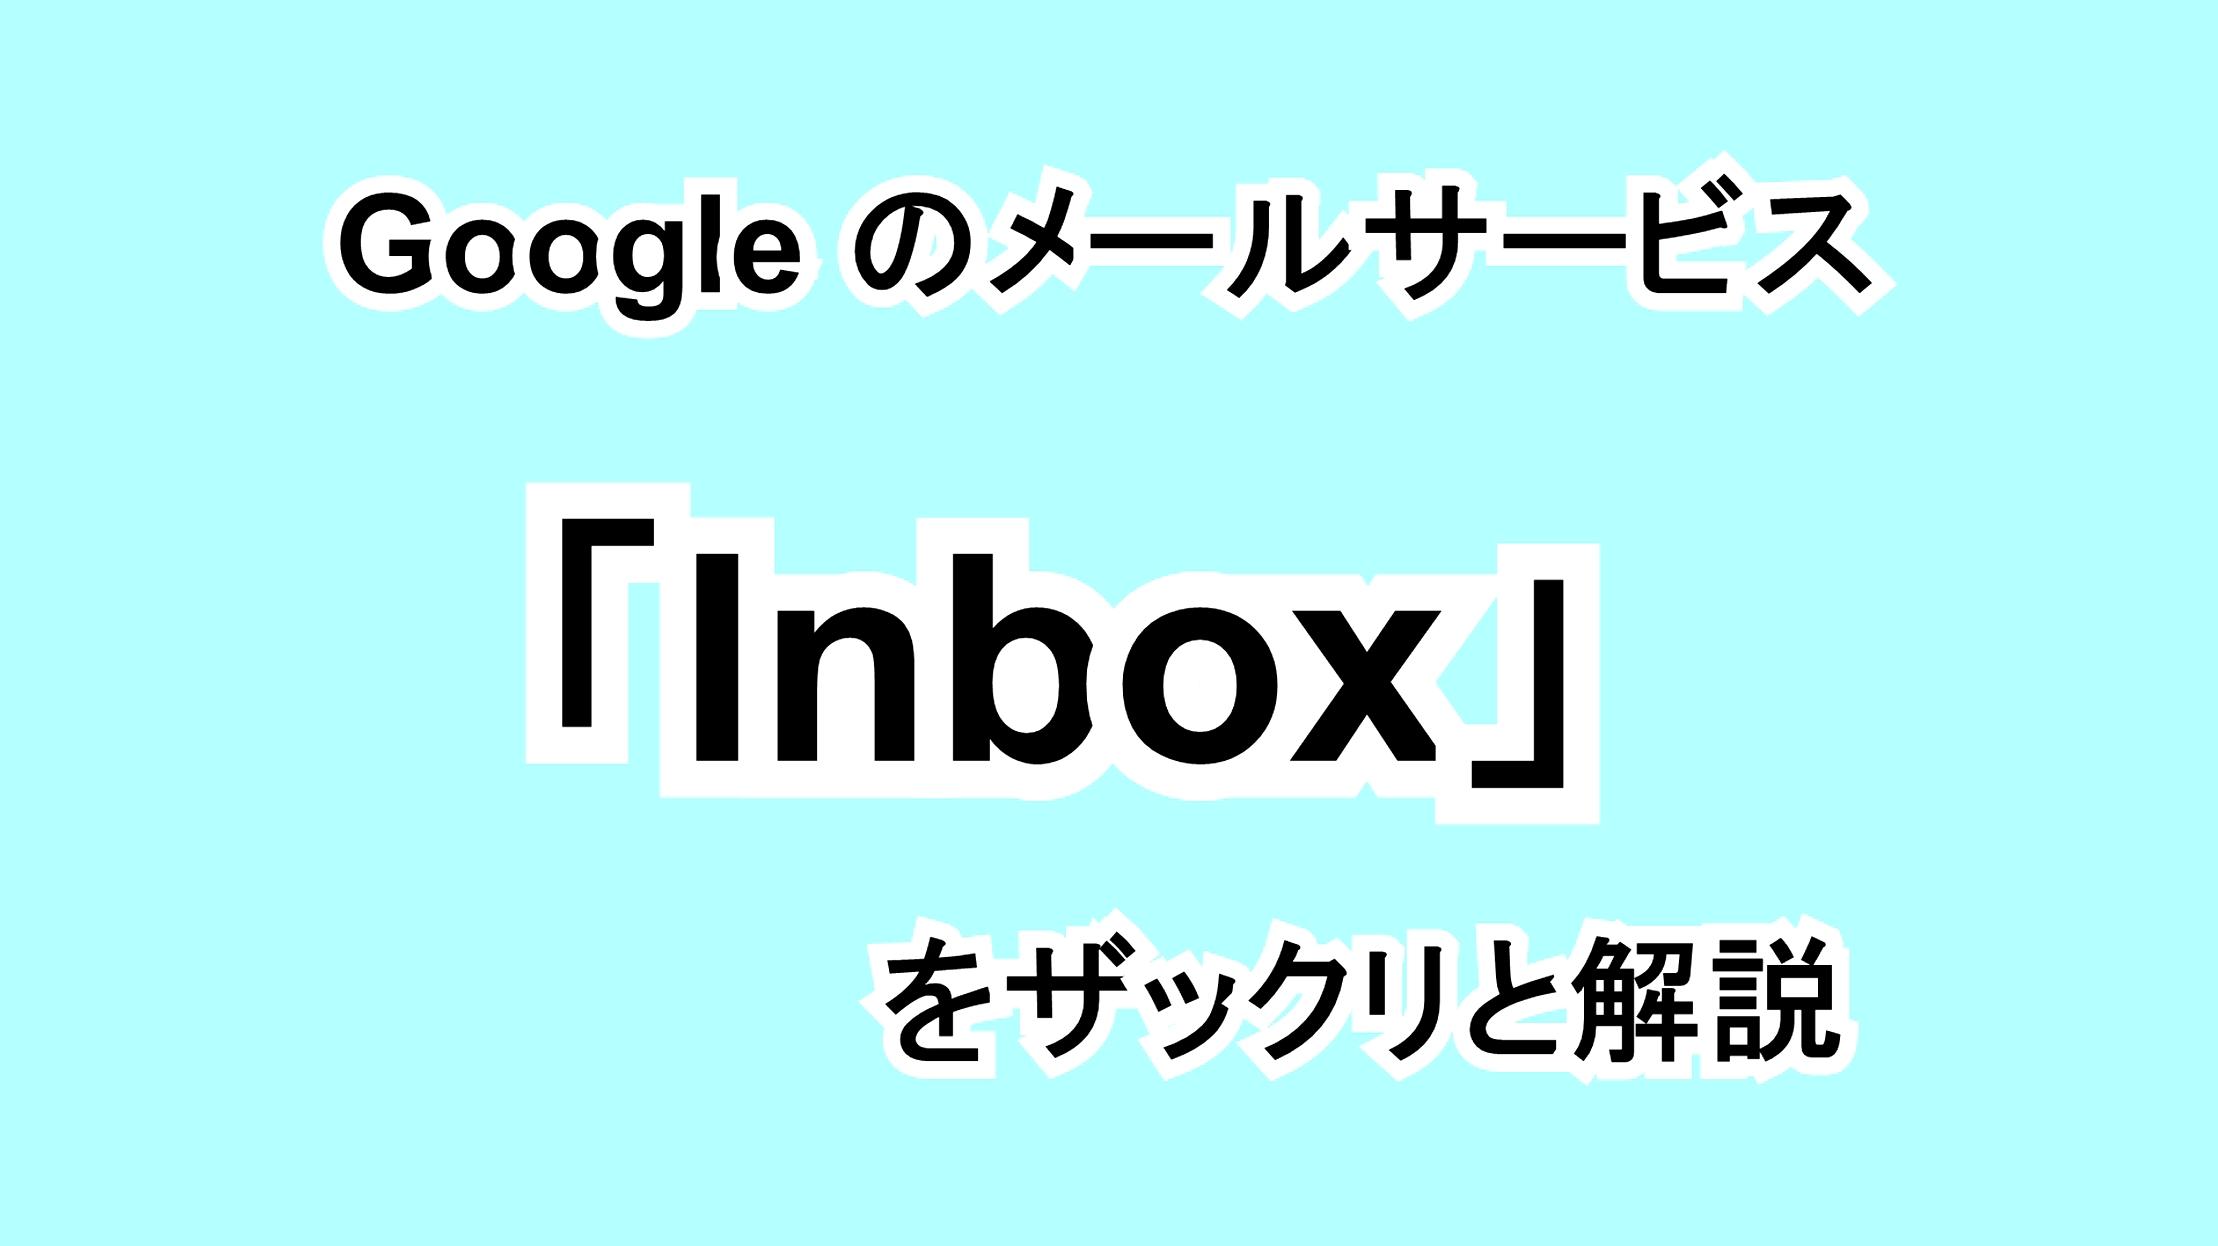 メールサービス「Inbox」をザックリと解説